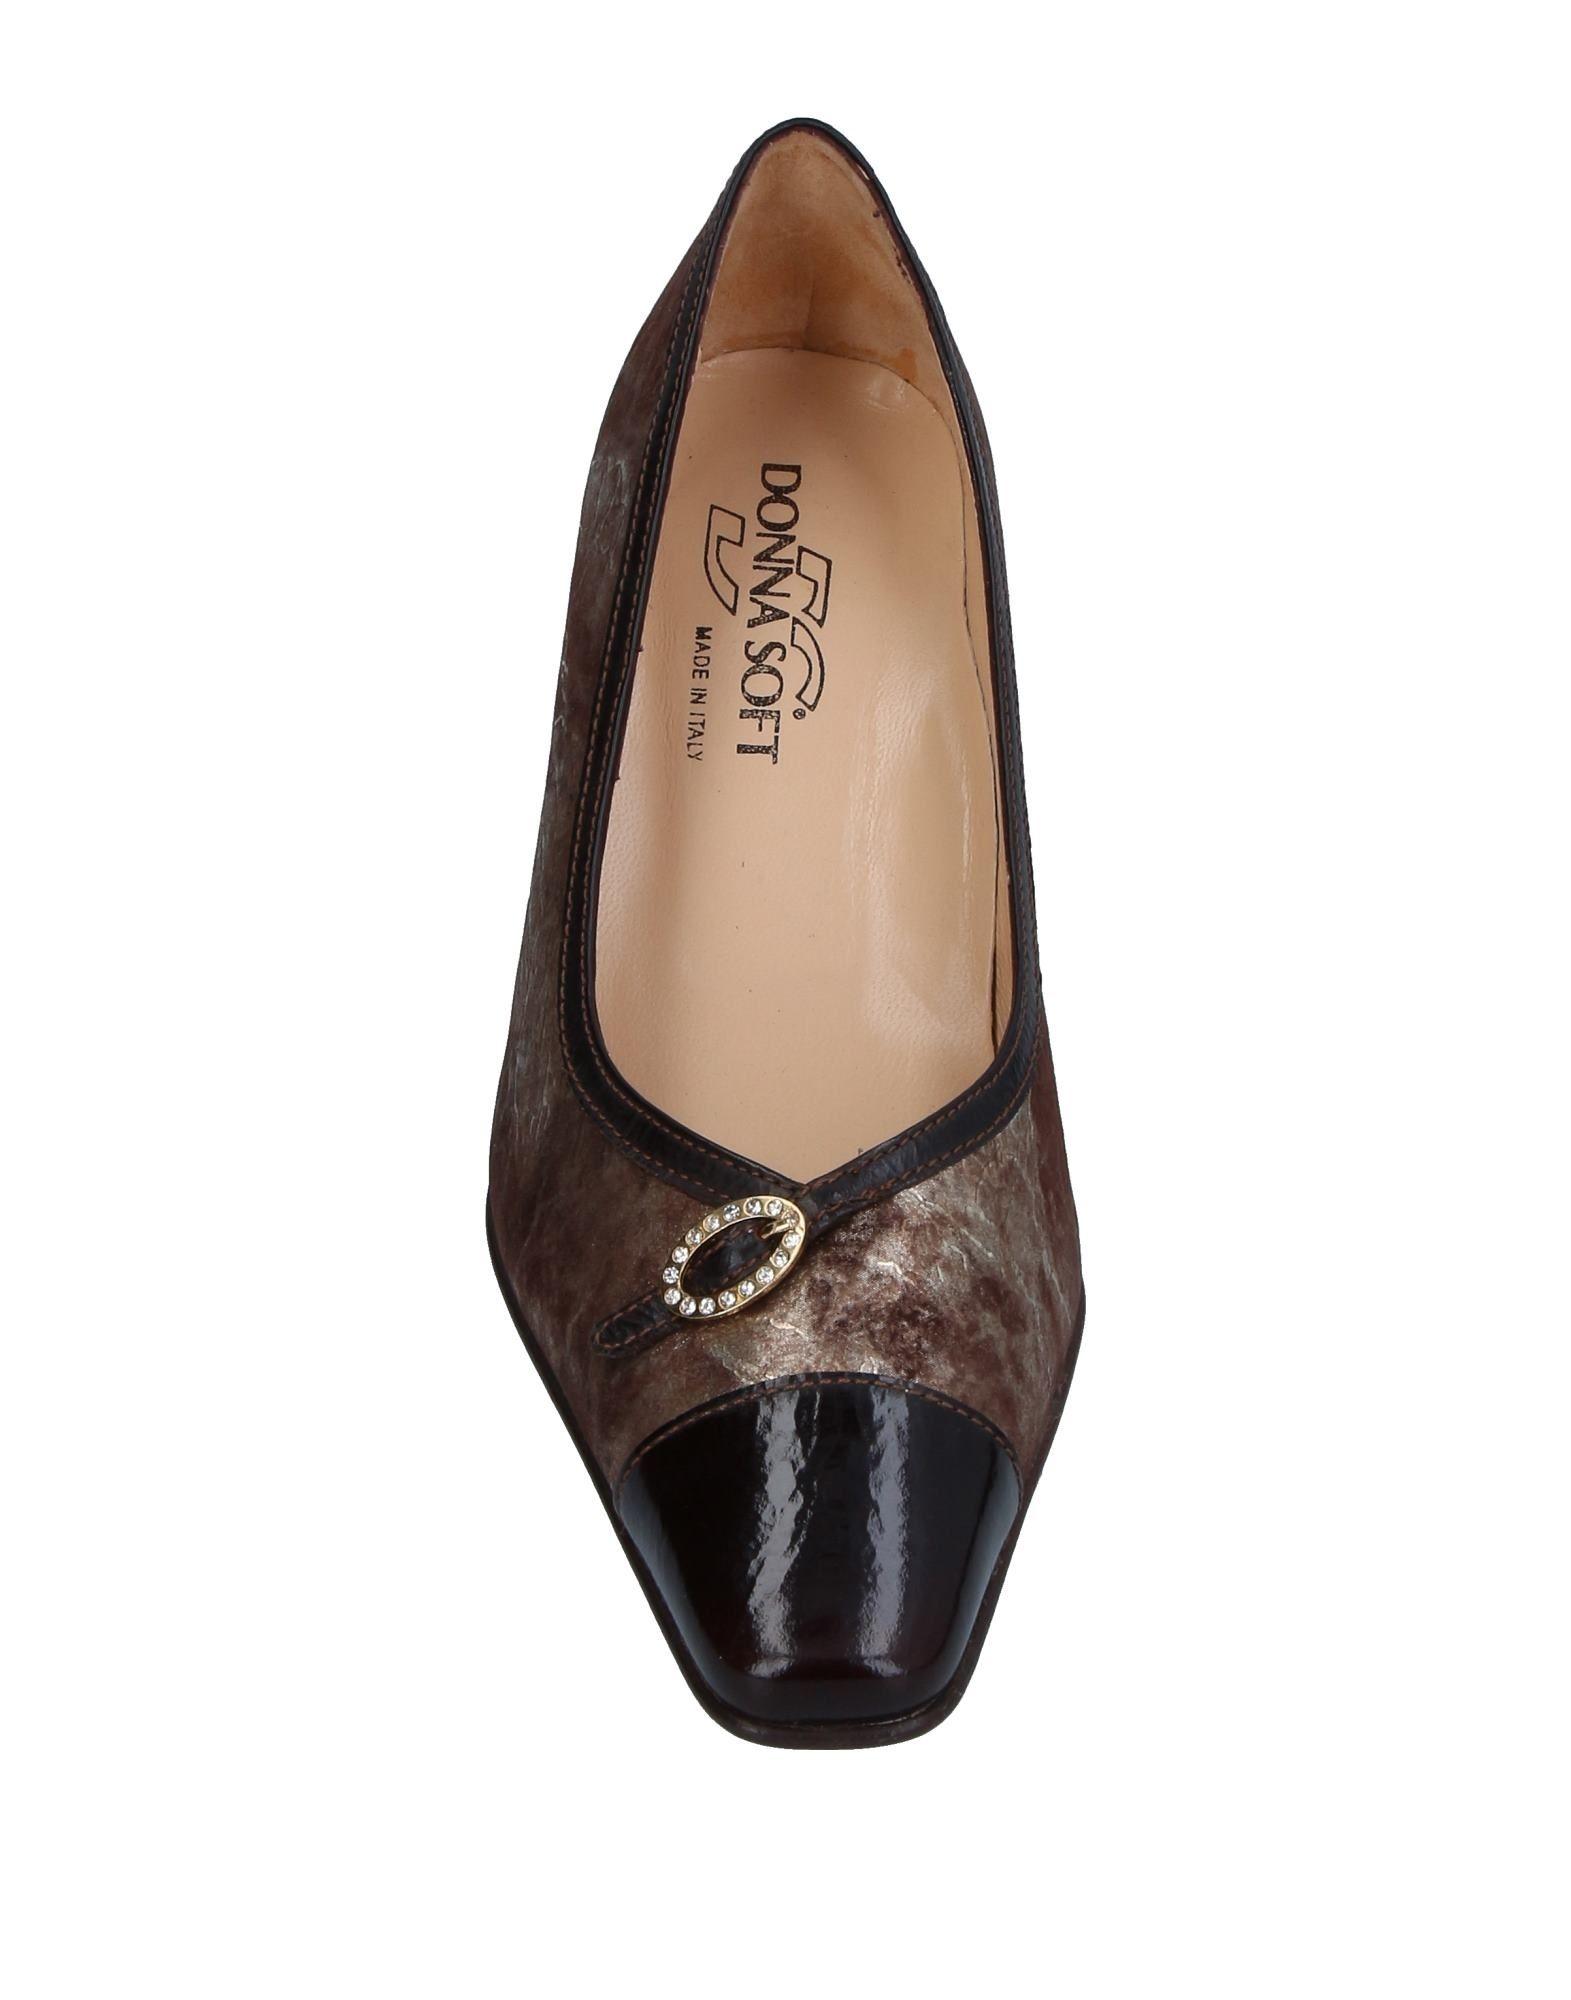 Donna Soft Pumps Damen  11370164NI Gute Qualität beliebte Schuhe